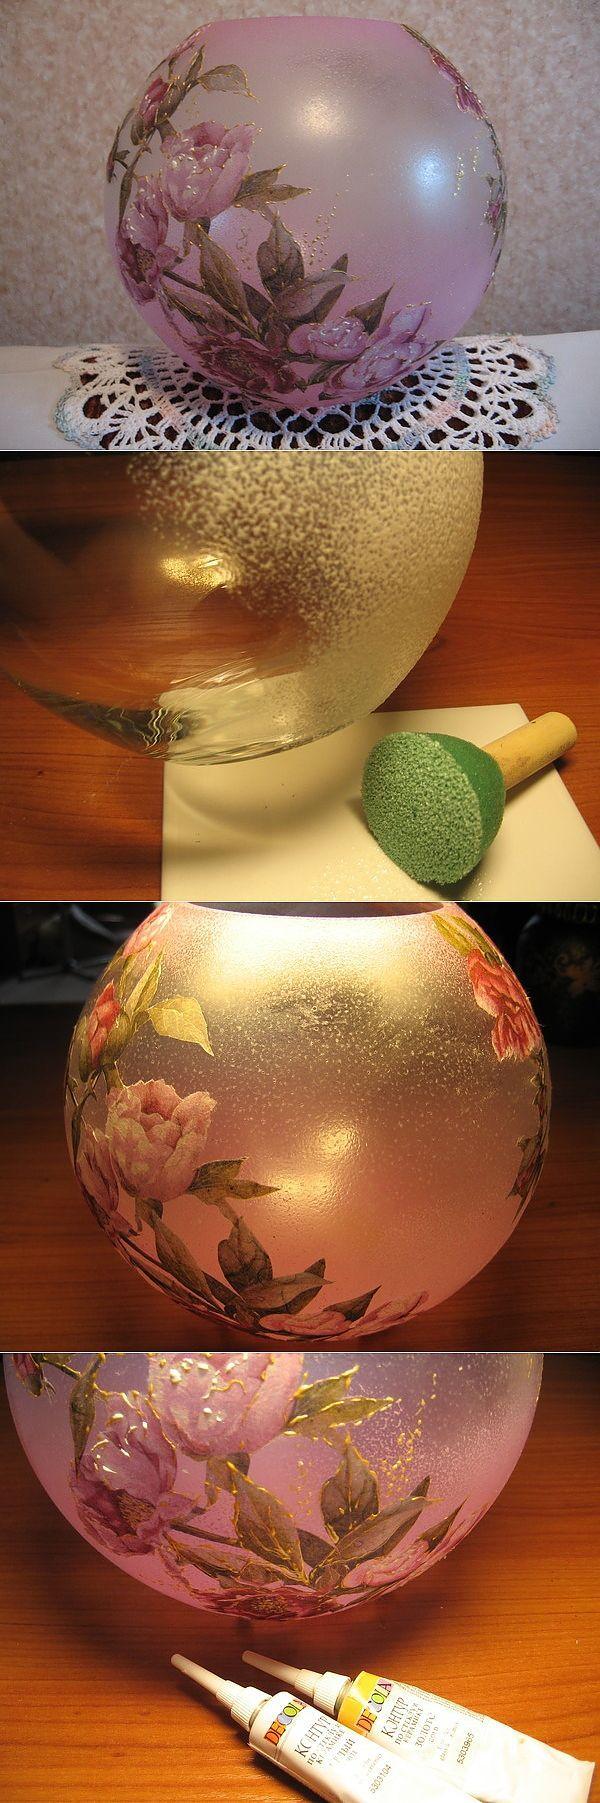 Мастер-класс по изготовлению матовой вазочки.